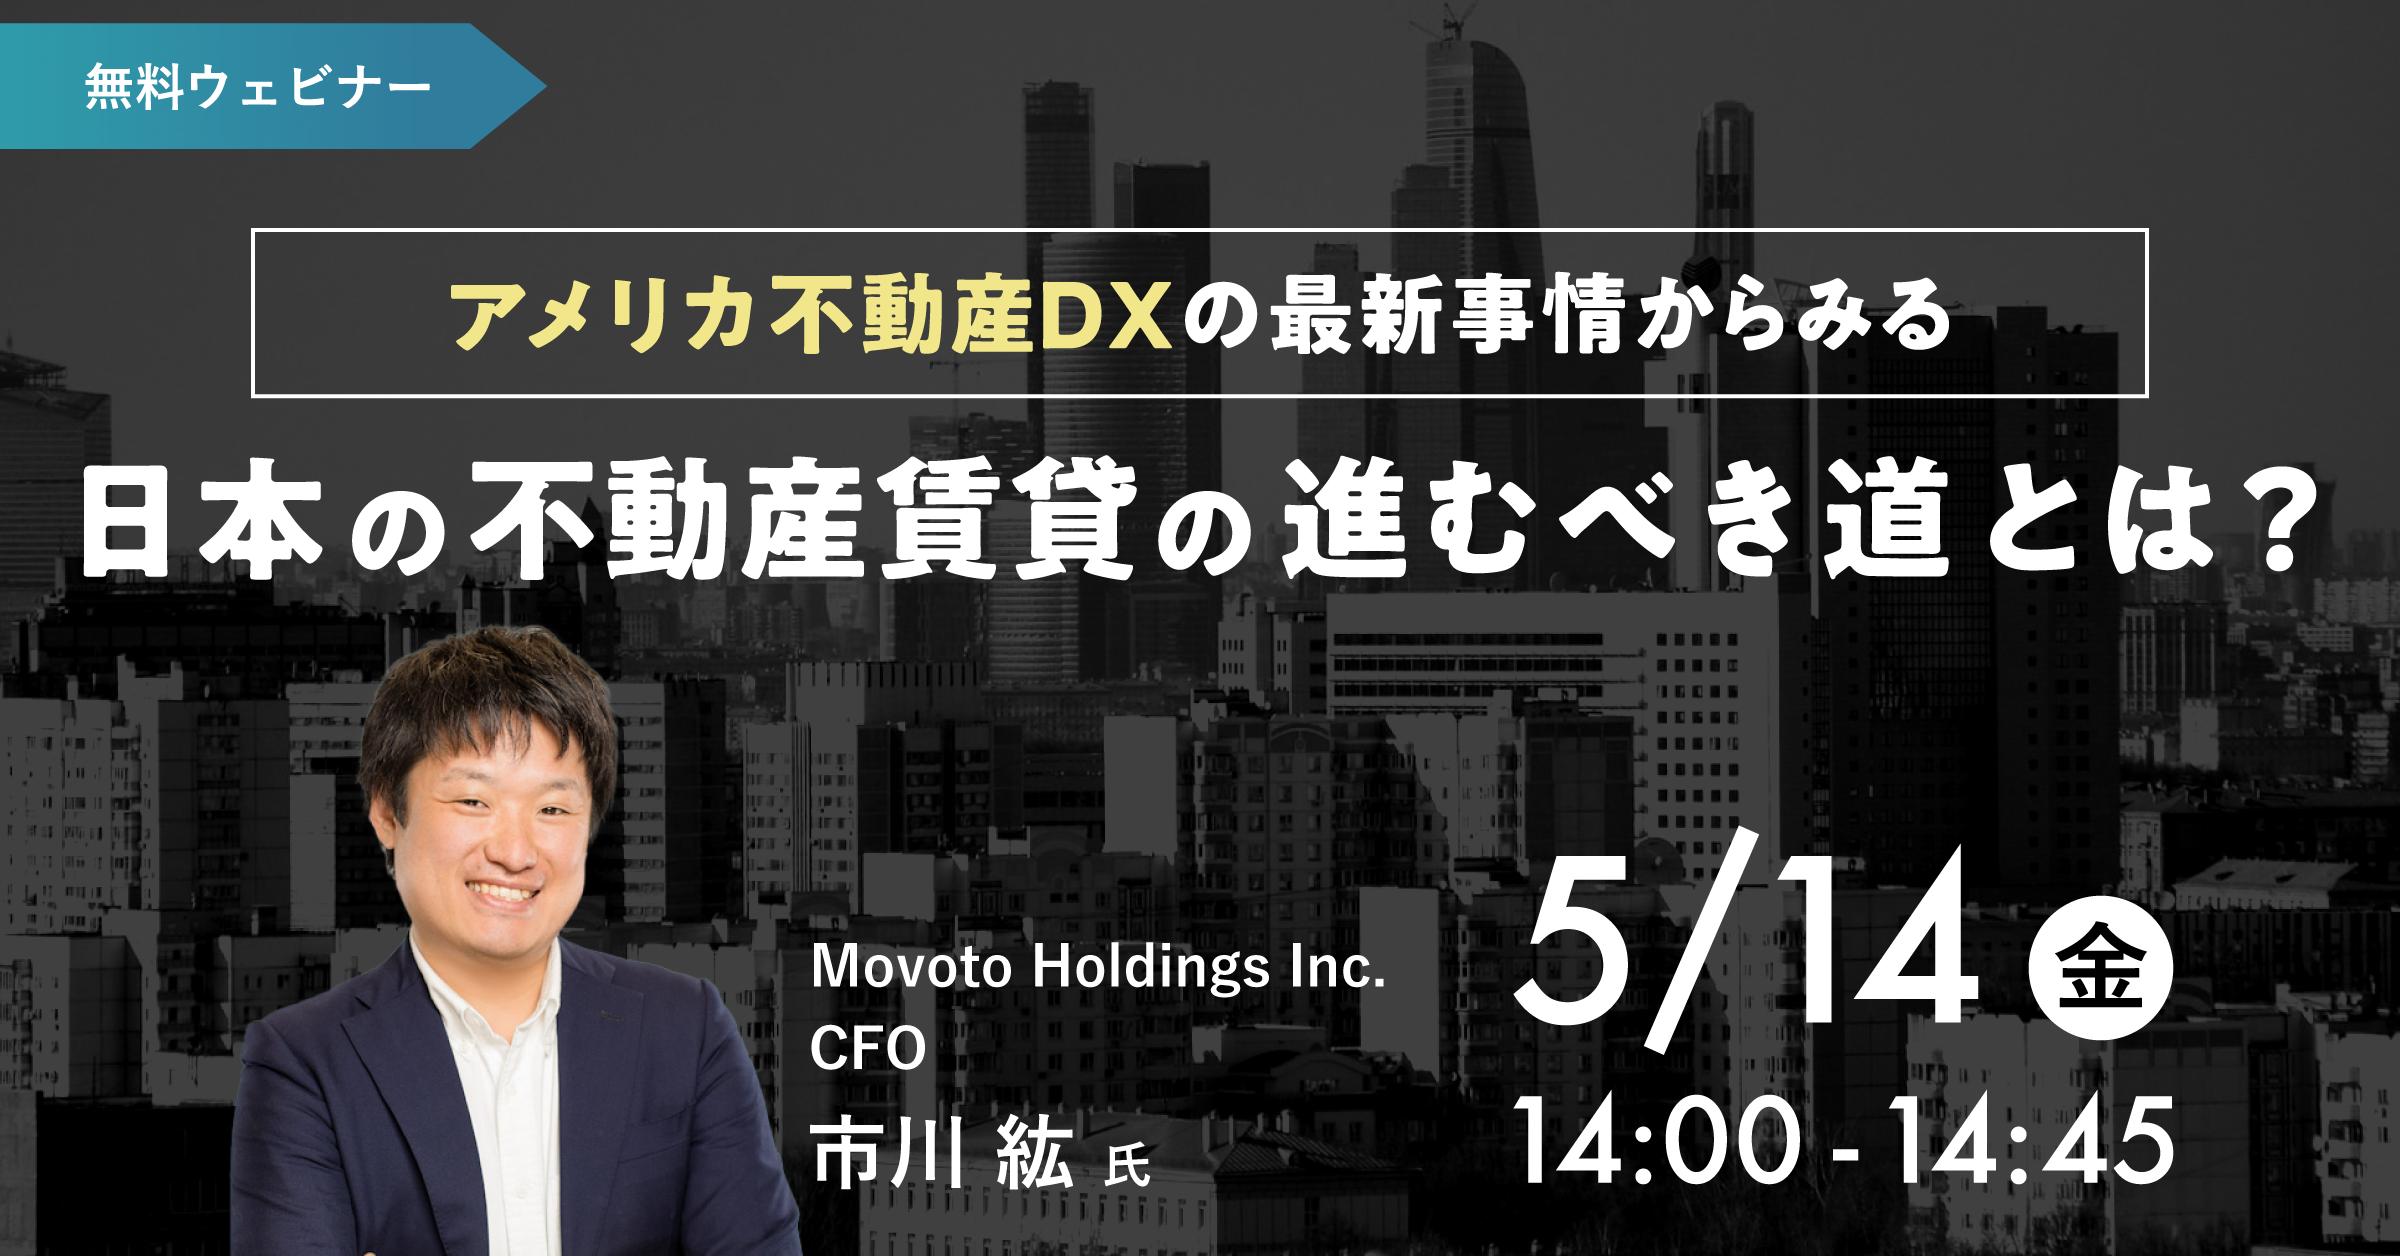 アメリカ不動産DXの最新事情からみる、日本の不動産賃貸の進むべき道とは?